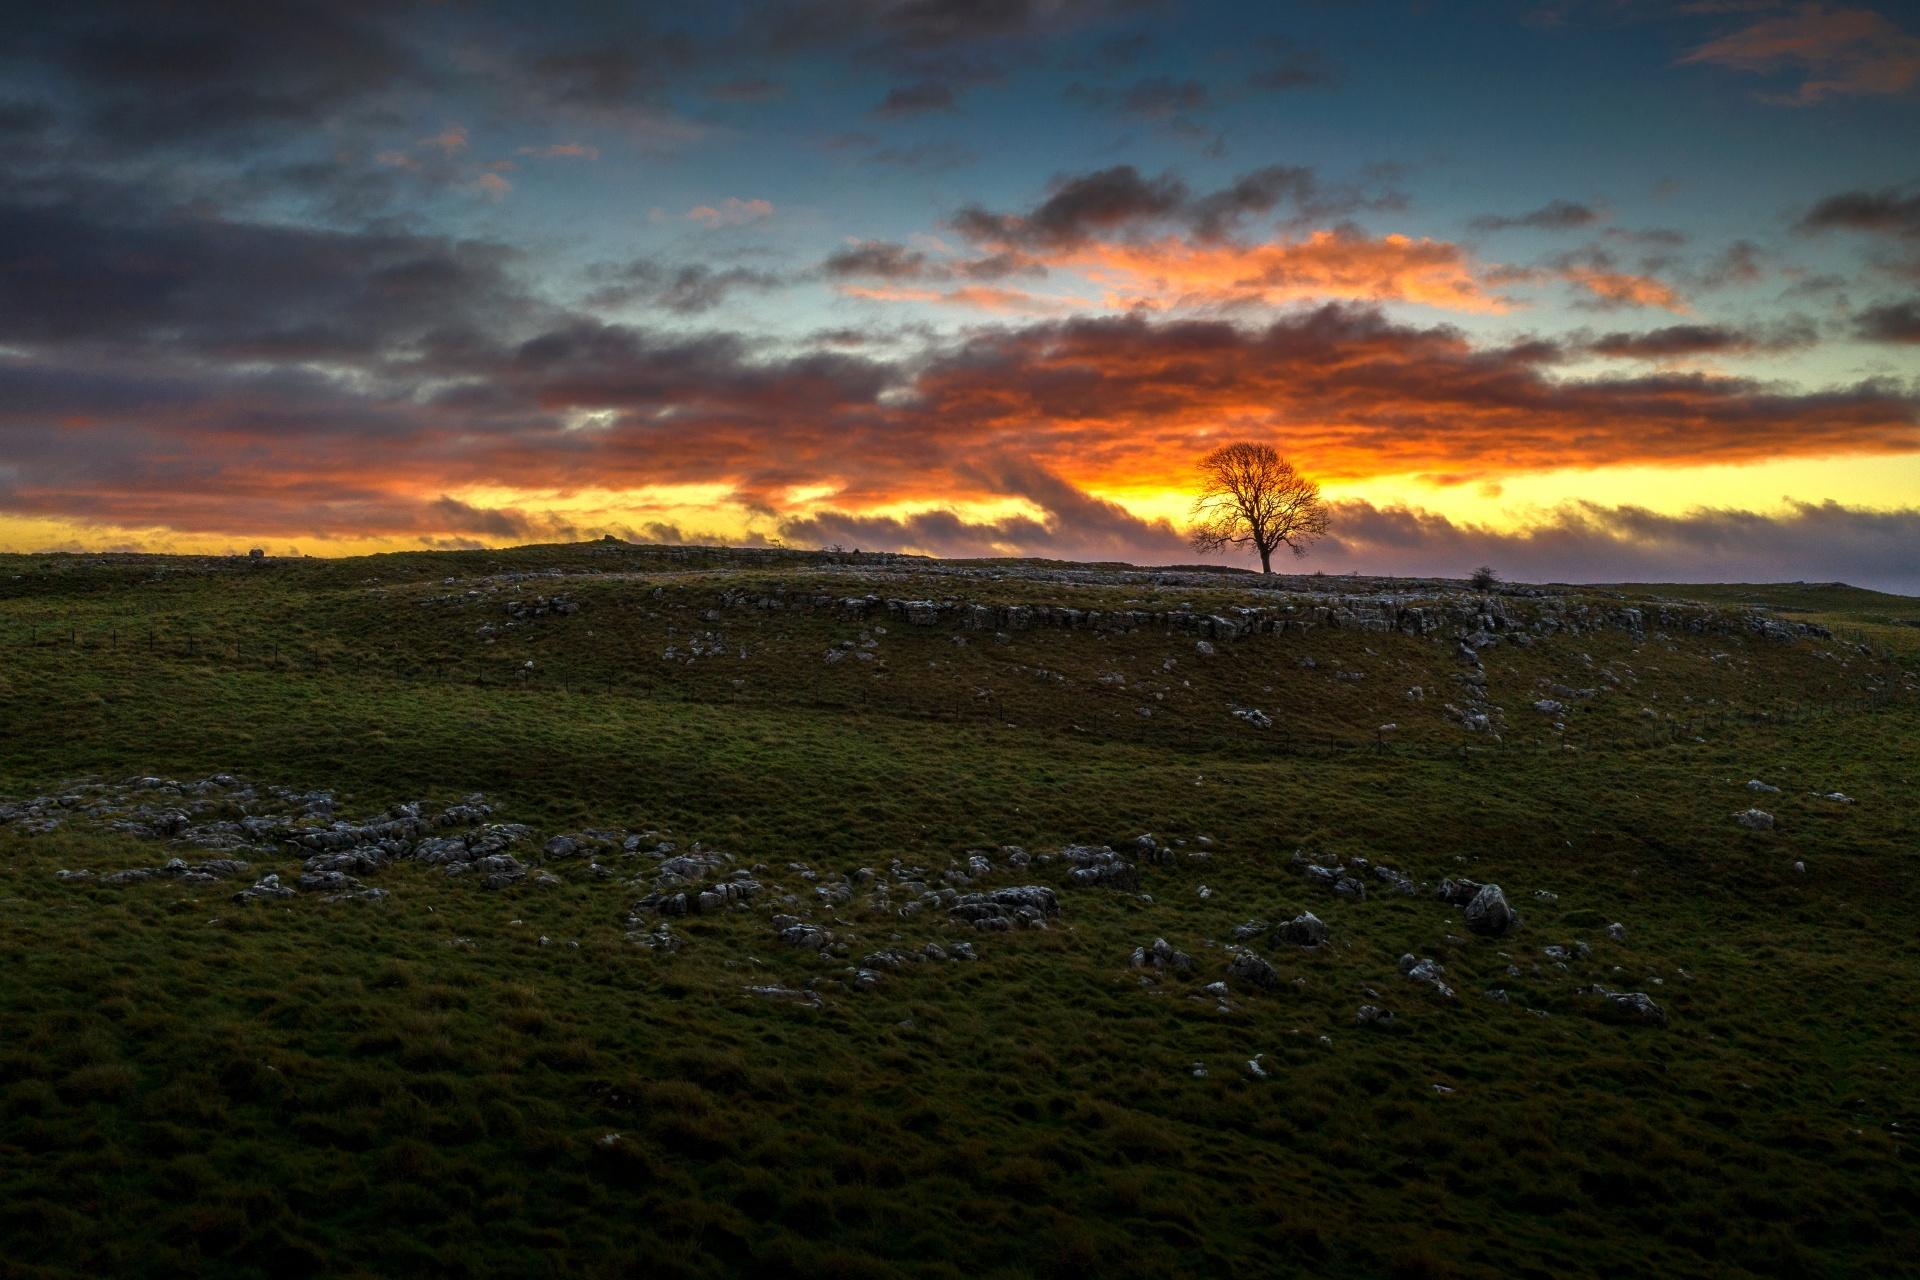 日の出のヨークシャー・デイルズの風景 イギリスの風景